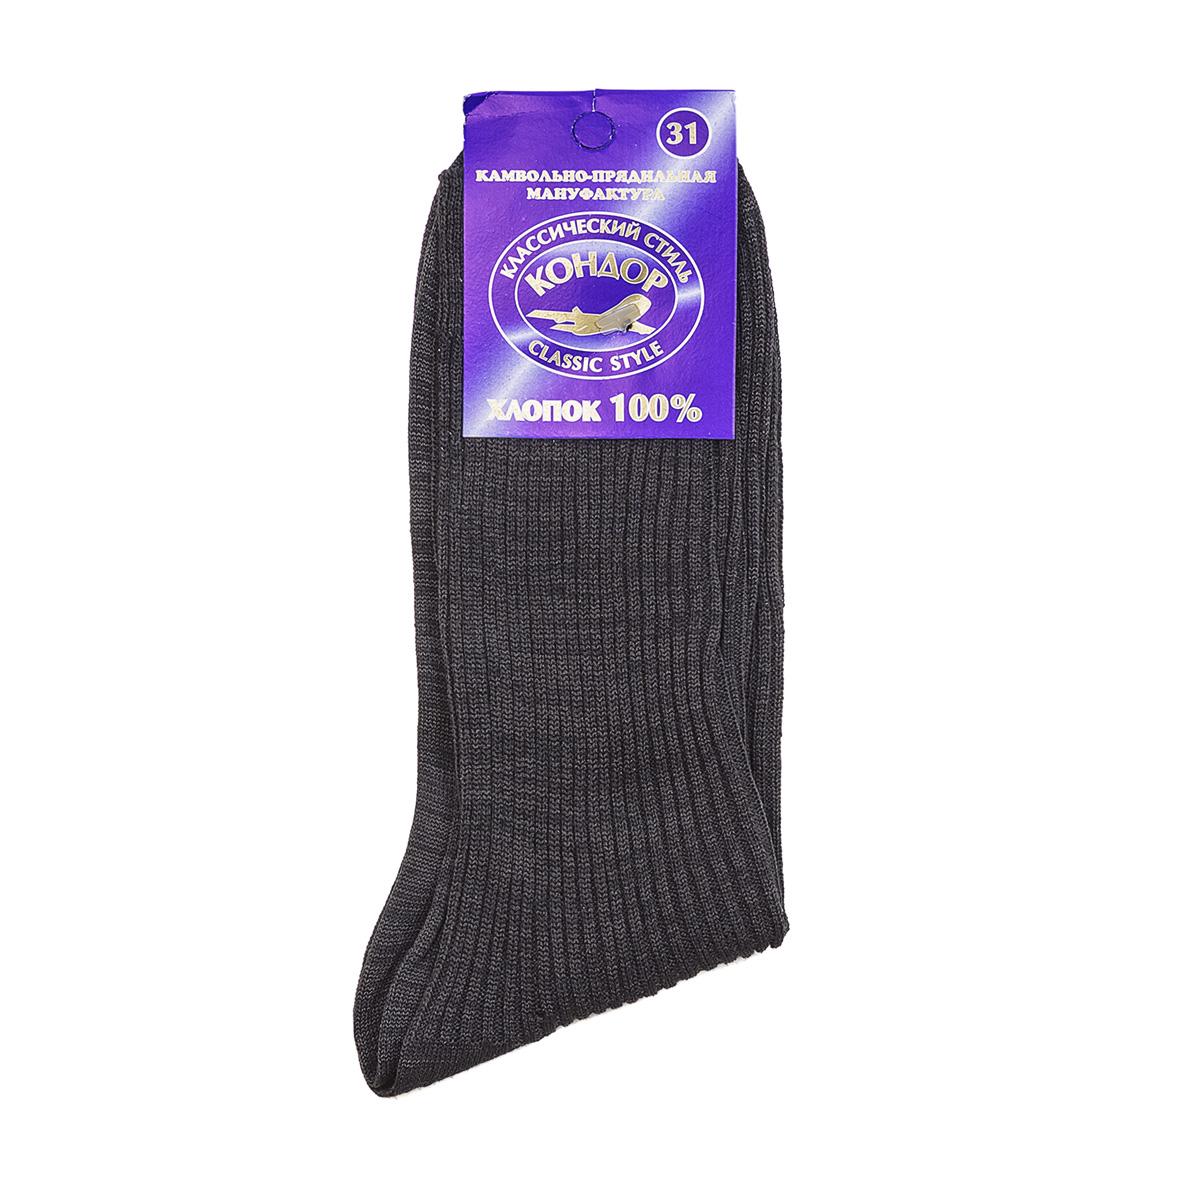 Носки мужские Кондор, размер 39-40Носки<br><br><br>Тип: Муж. носки<br>Размер: 39-40<br>Материал: Хлопок